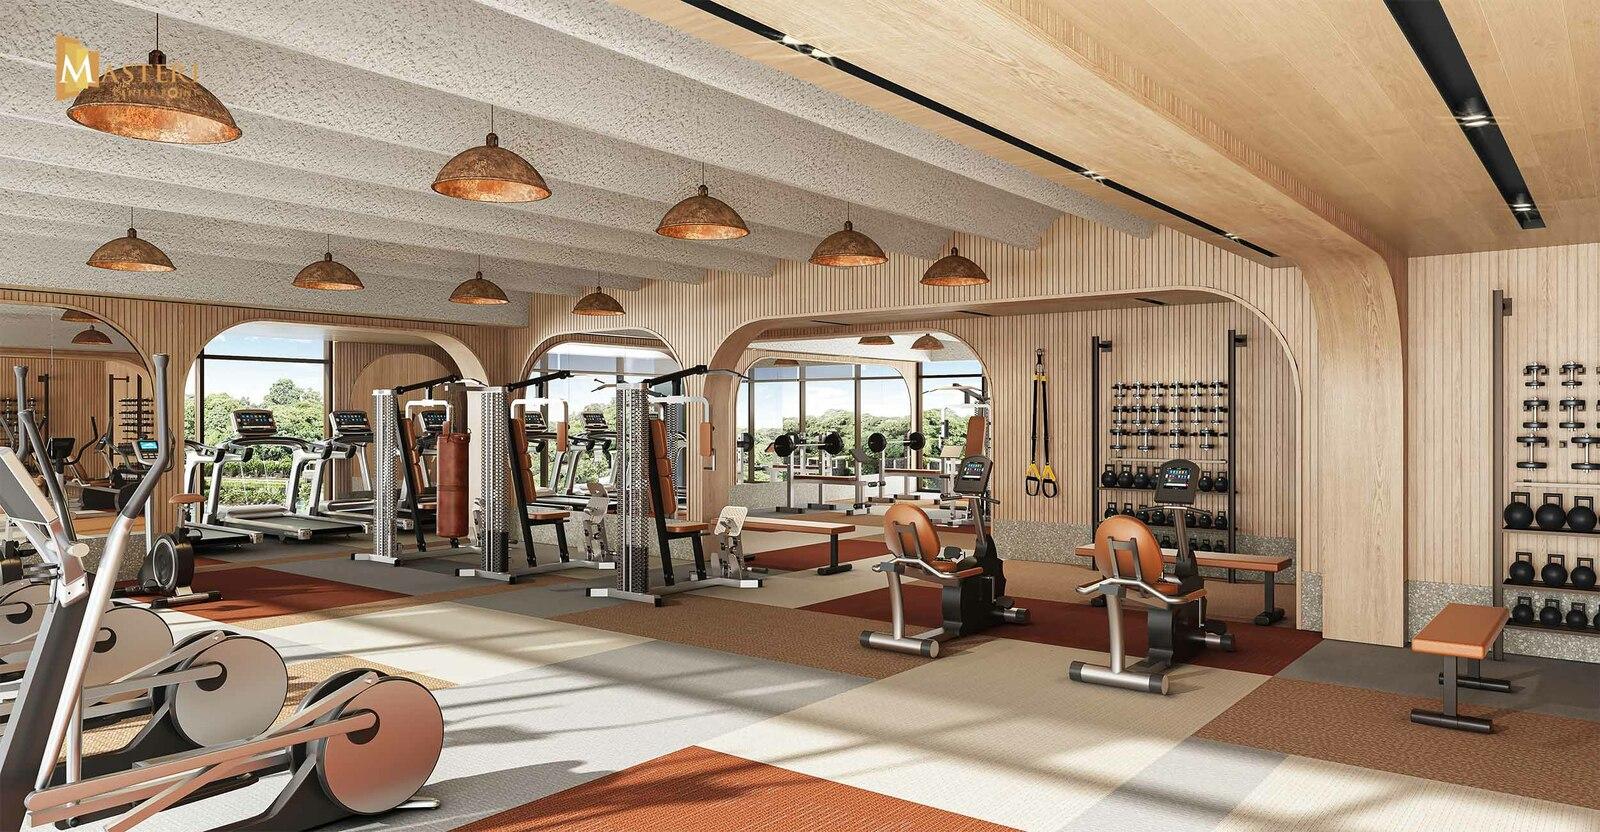 6.-Phòng-Gym-cao-cấp-và-hiện-đại-min